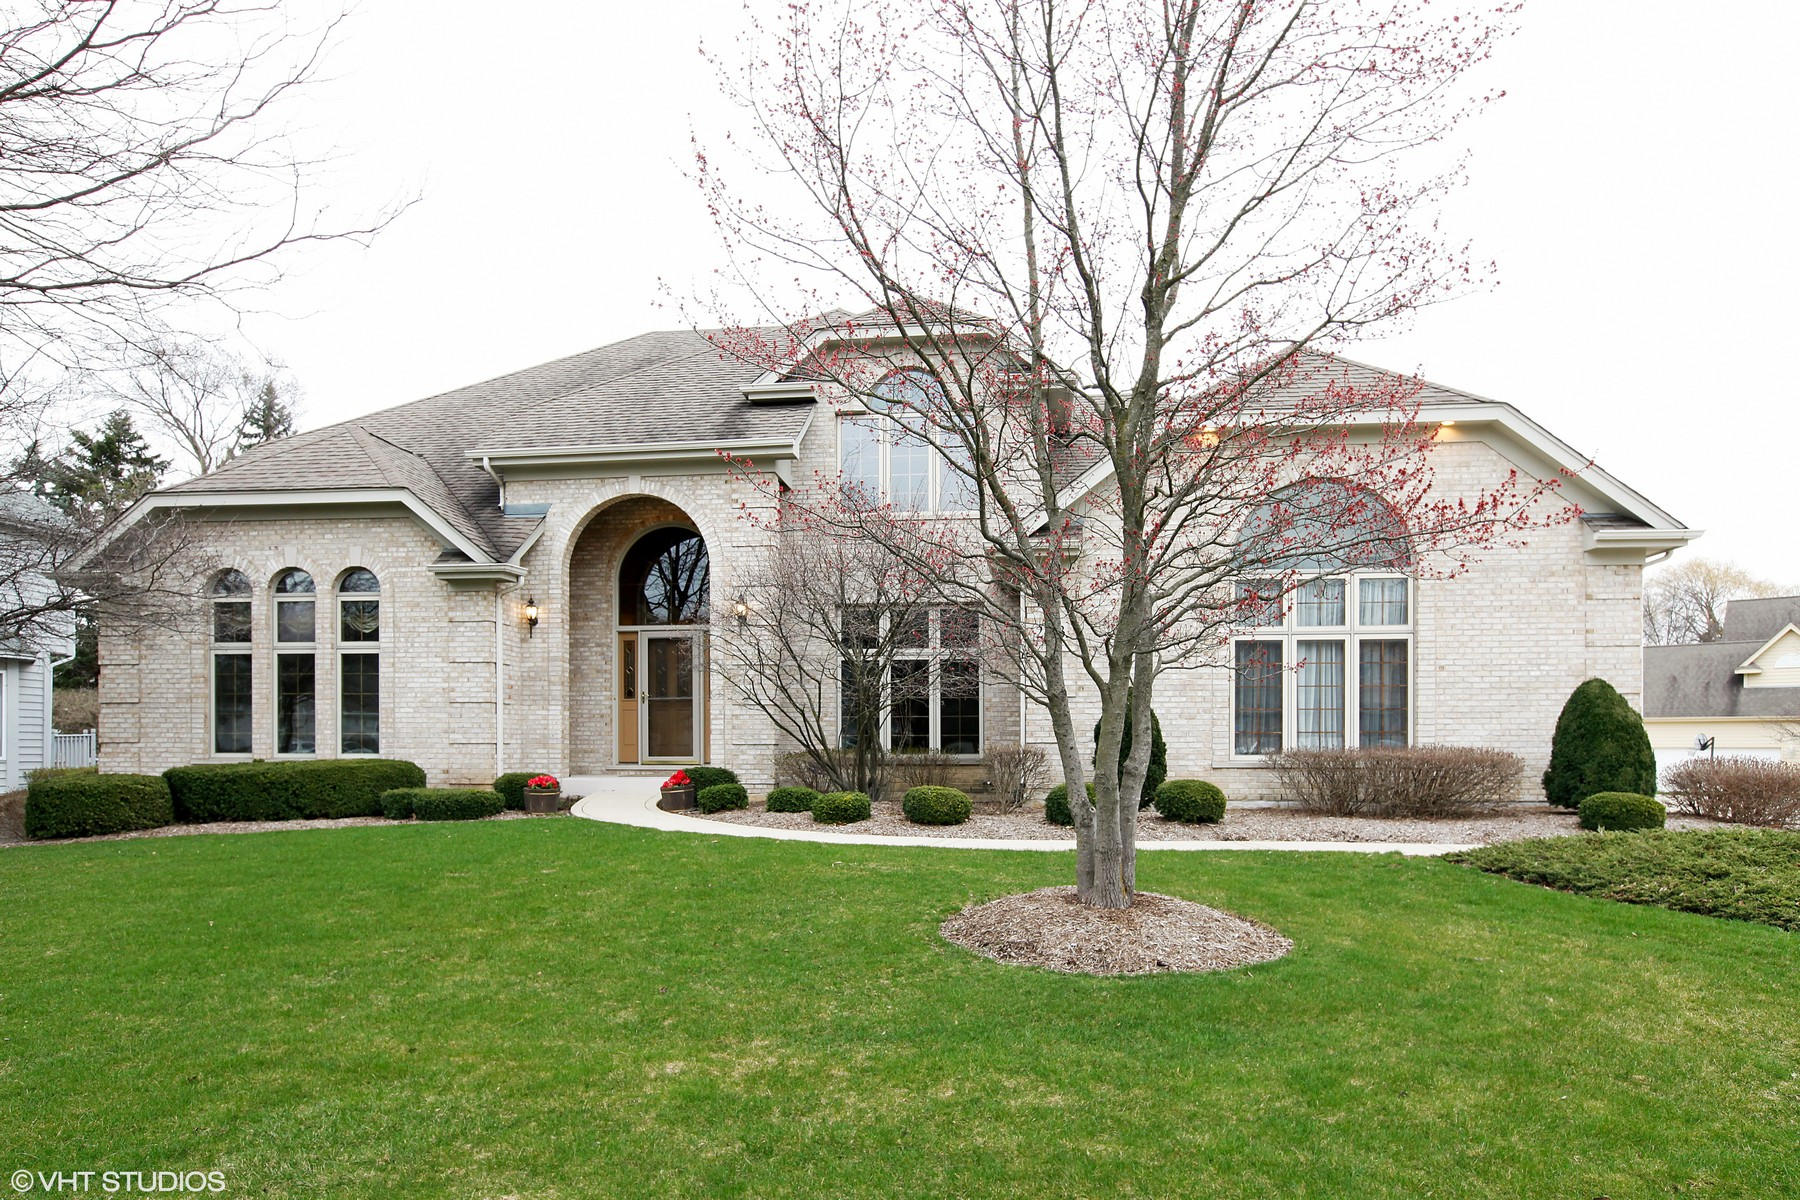 Частный односемейный дом для того Продажа на 2163 Canterbury 2163 Canterbury Lane Lisle, Иллинойс, 60532 Соединенные Штаты